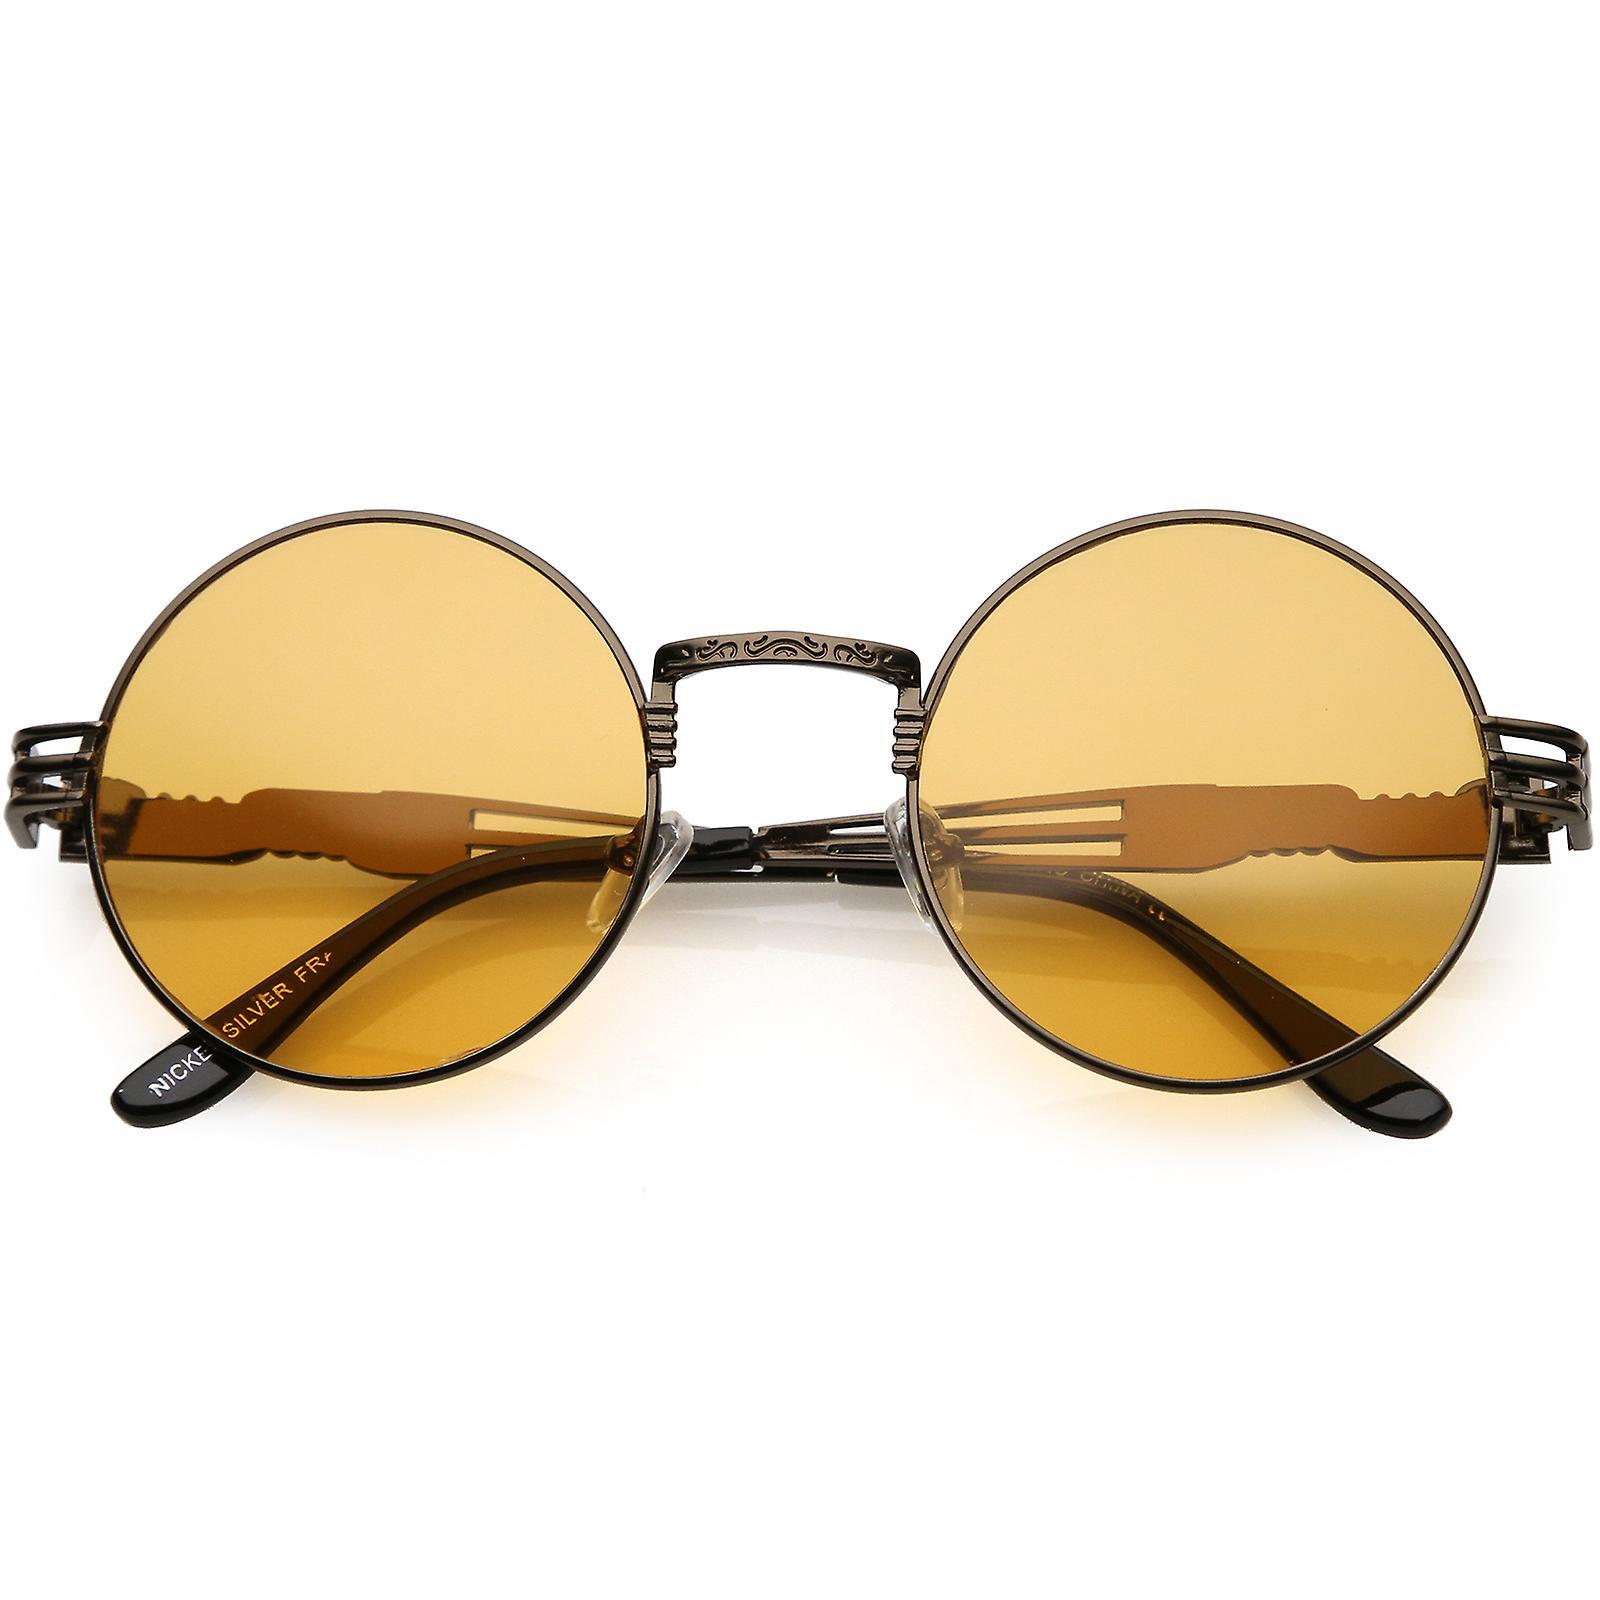 d77619676 نظارات جولة كبيرة الحجم محفورة ذراع معدنية انقطاع لون ملون عدسة 53 ملم